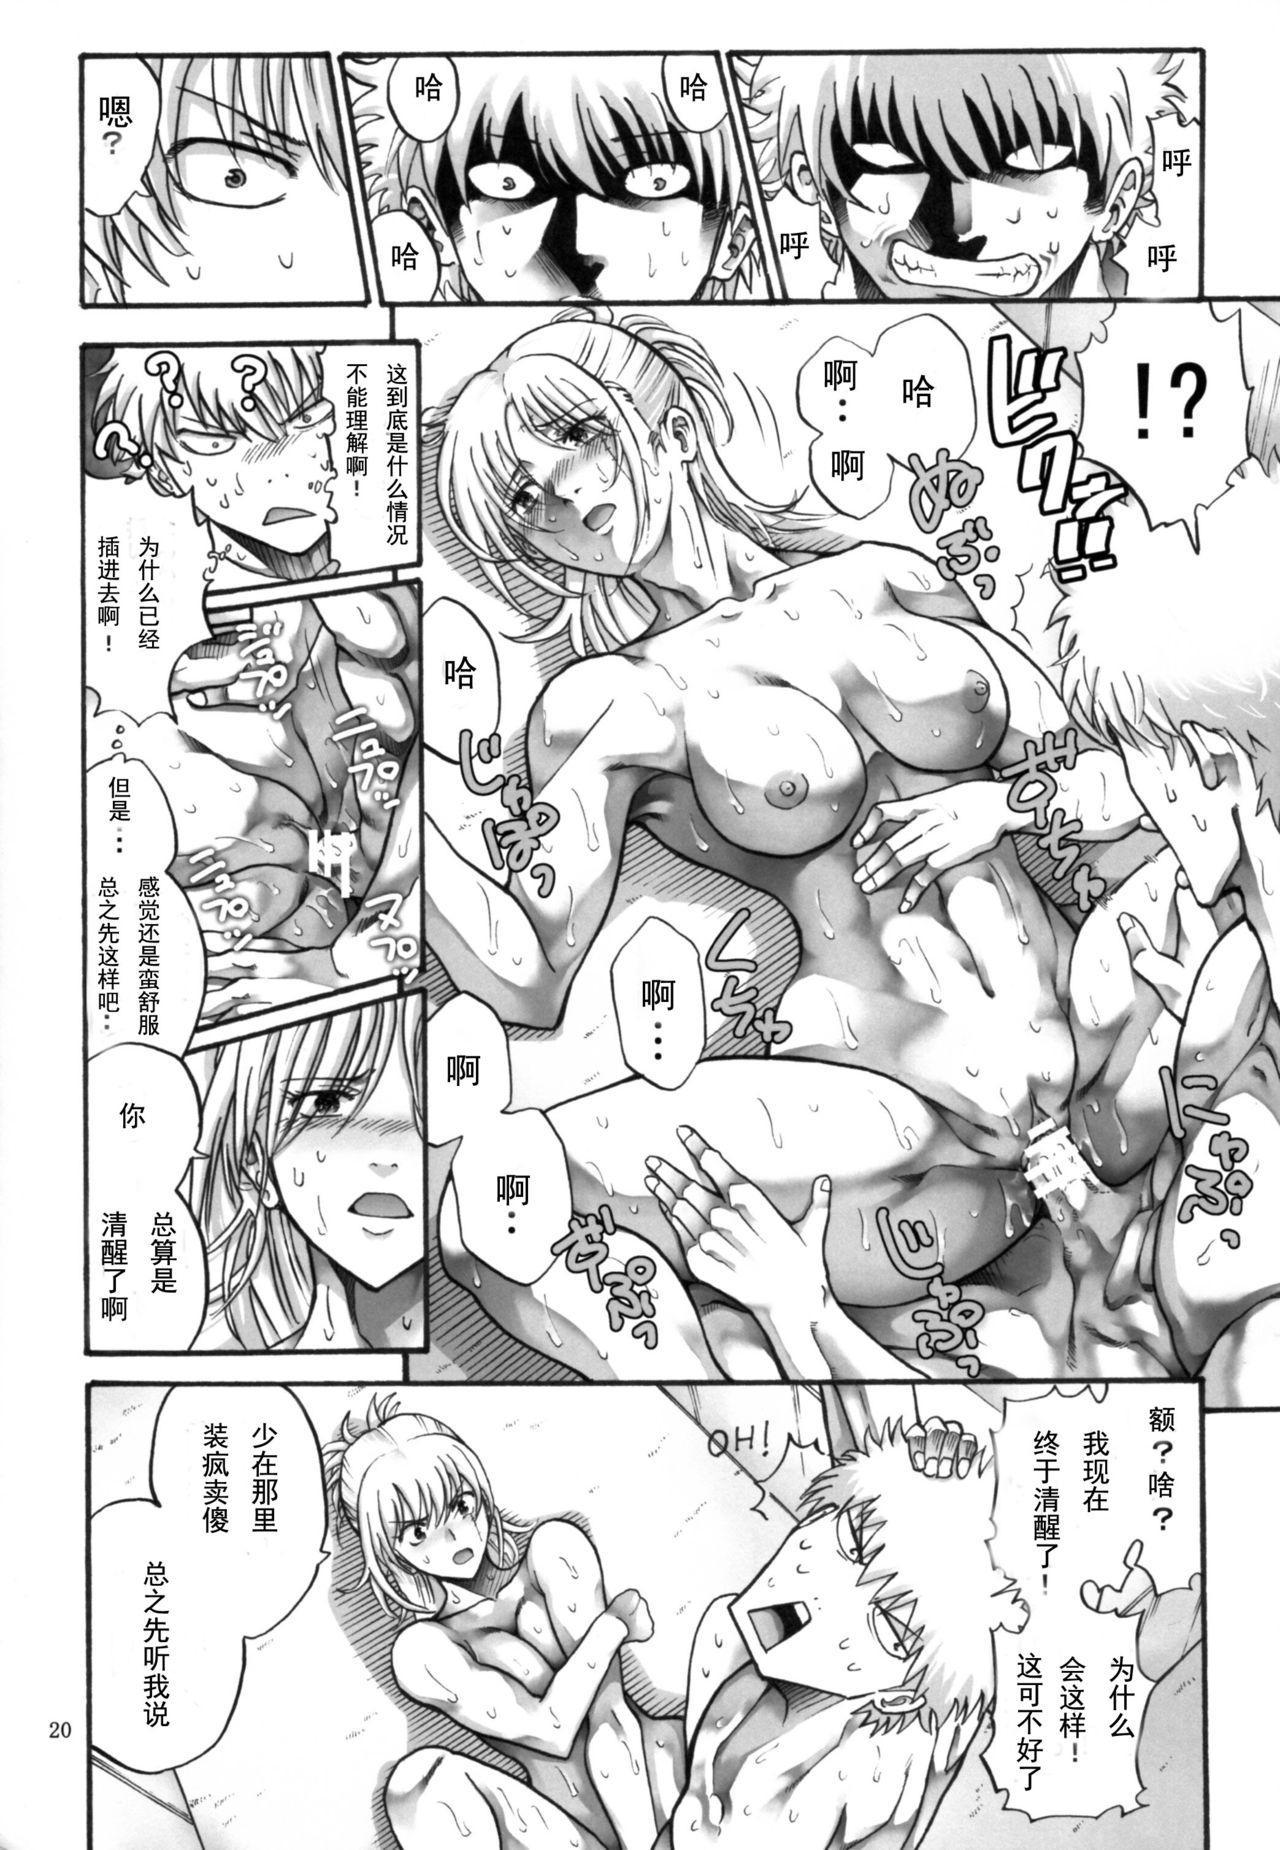 Tsukuyo-san ga Iyarashii Koto o Sarete Shimau Hanashi 5 20